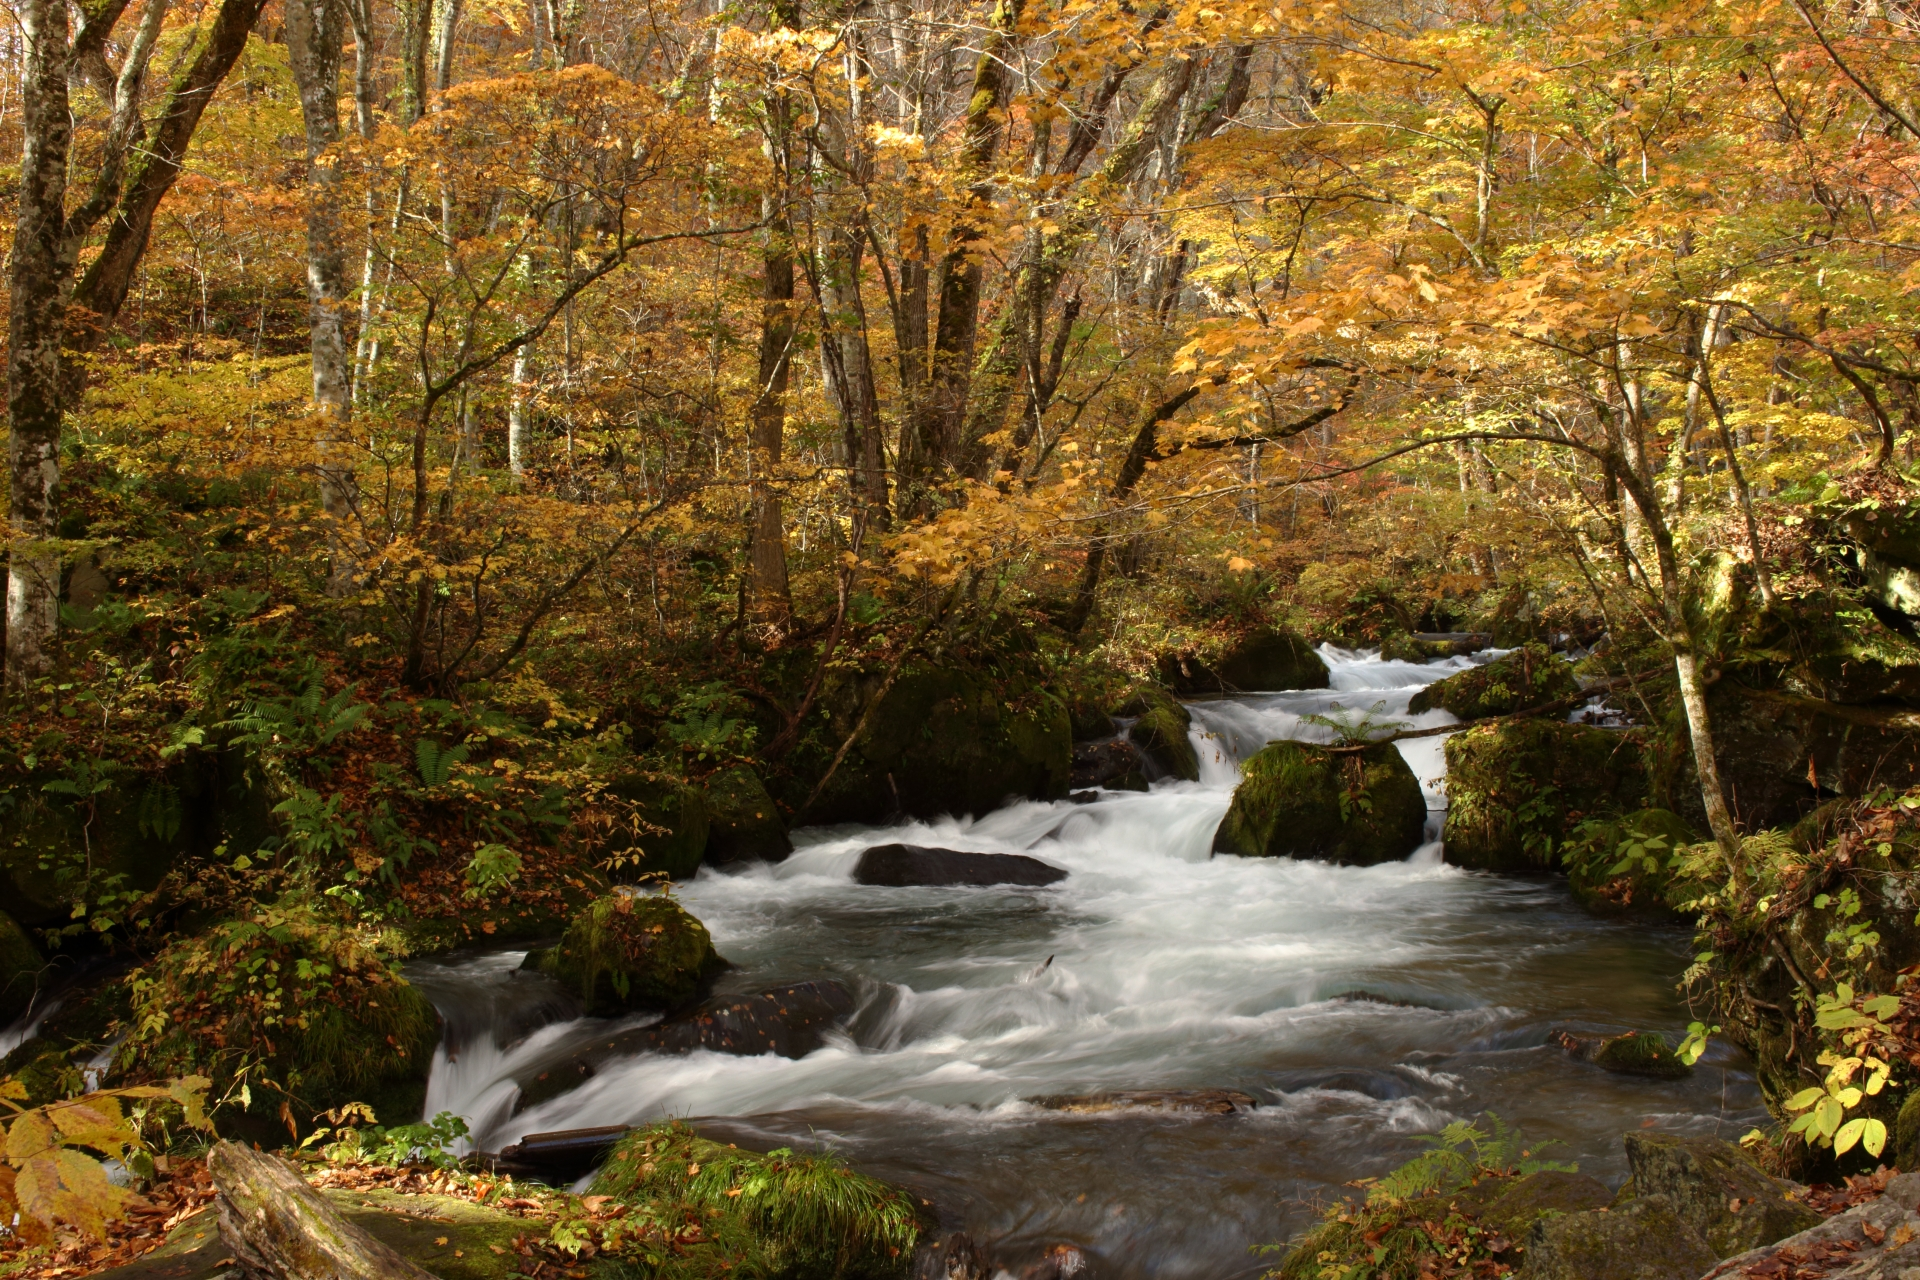 奥入瀬渓流 阿修羅の流れ 紅葉